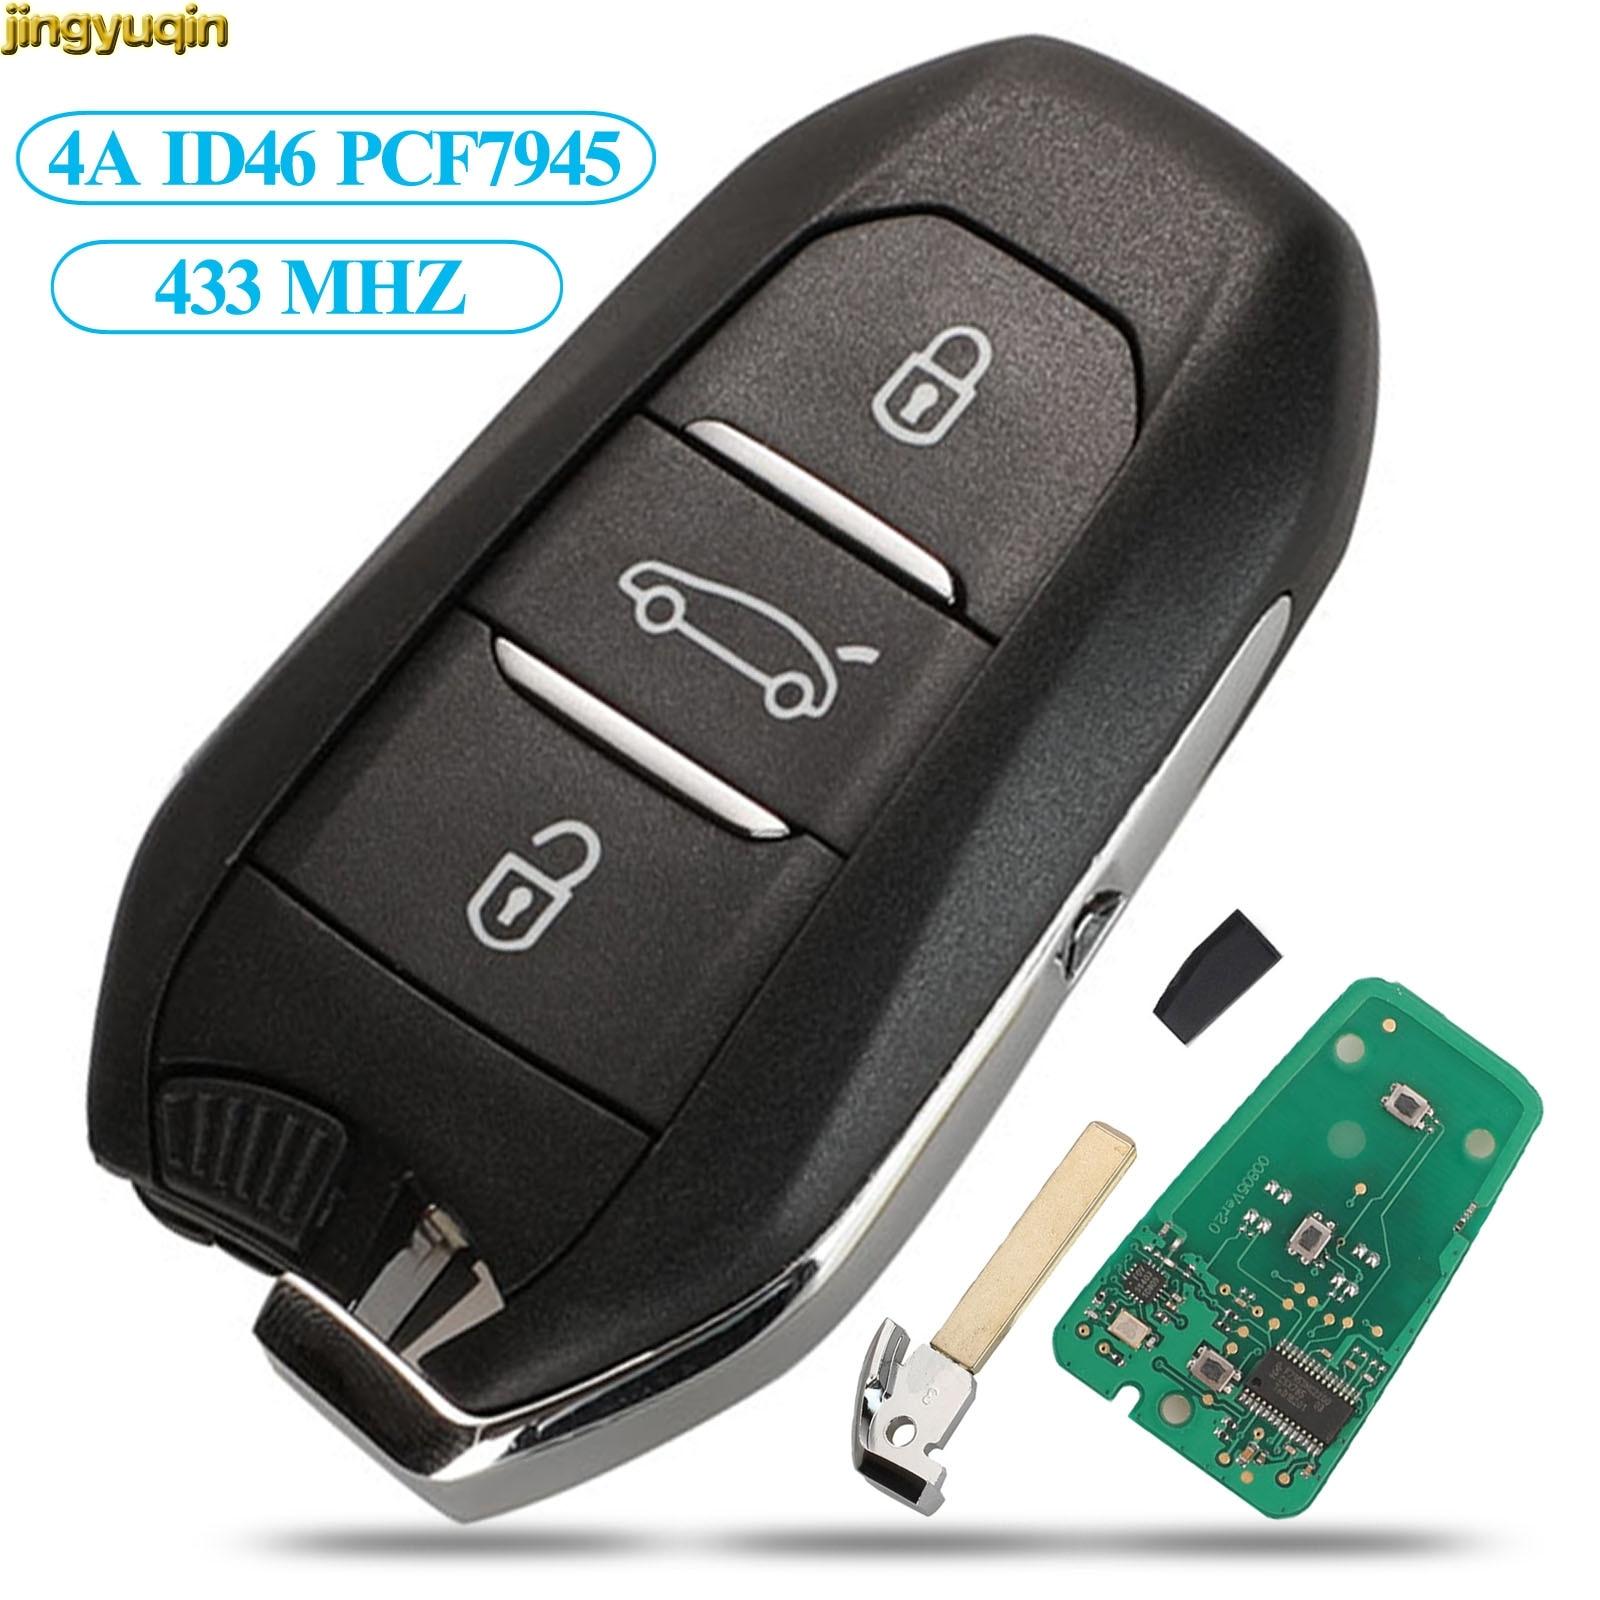 Jingyuqin дистанционного ключа Управление 433 МГц HU83 ID46 HITAG2 для peugeot 208 308 508 3008 5008 Citroen C4 DS4 DS5 аварийного салона автомобиля